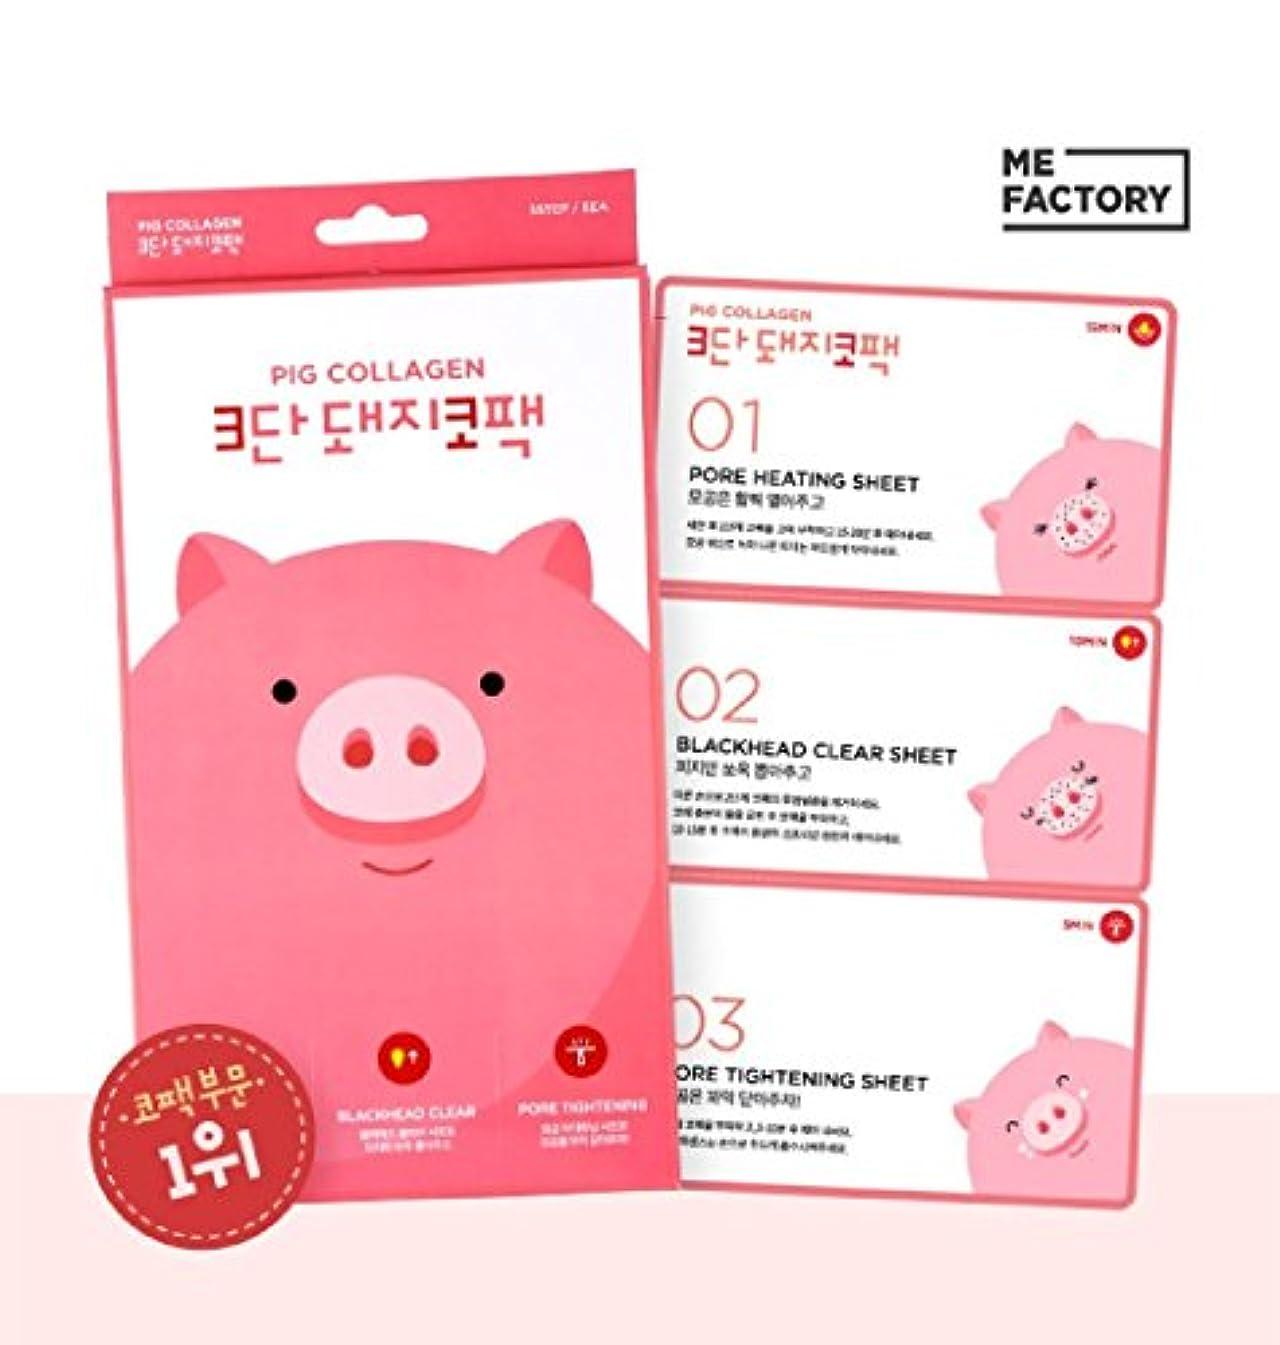 魔術師ソフィー世紀【米ファクトリー/ me factory]韓国化粧品/ Me Factory Pig Collagen 3 Step Kit Pig Nose Mask Pack X 5 Piece/米ファクトリー3段豚コペク(5枚)フィジー...